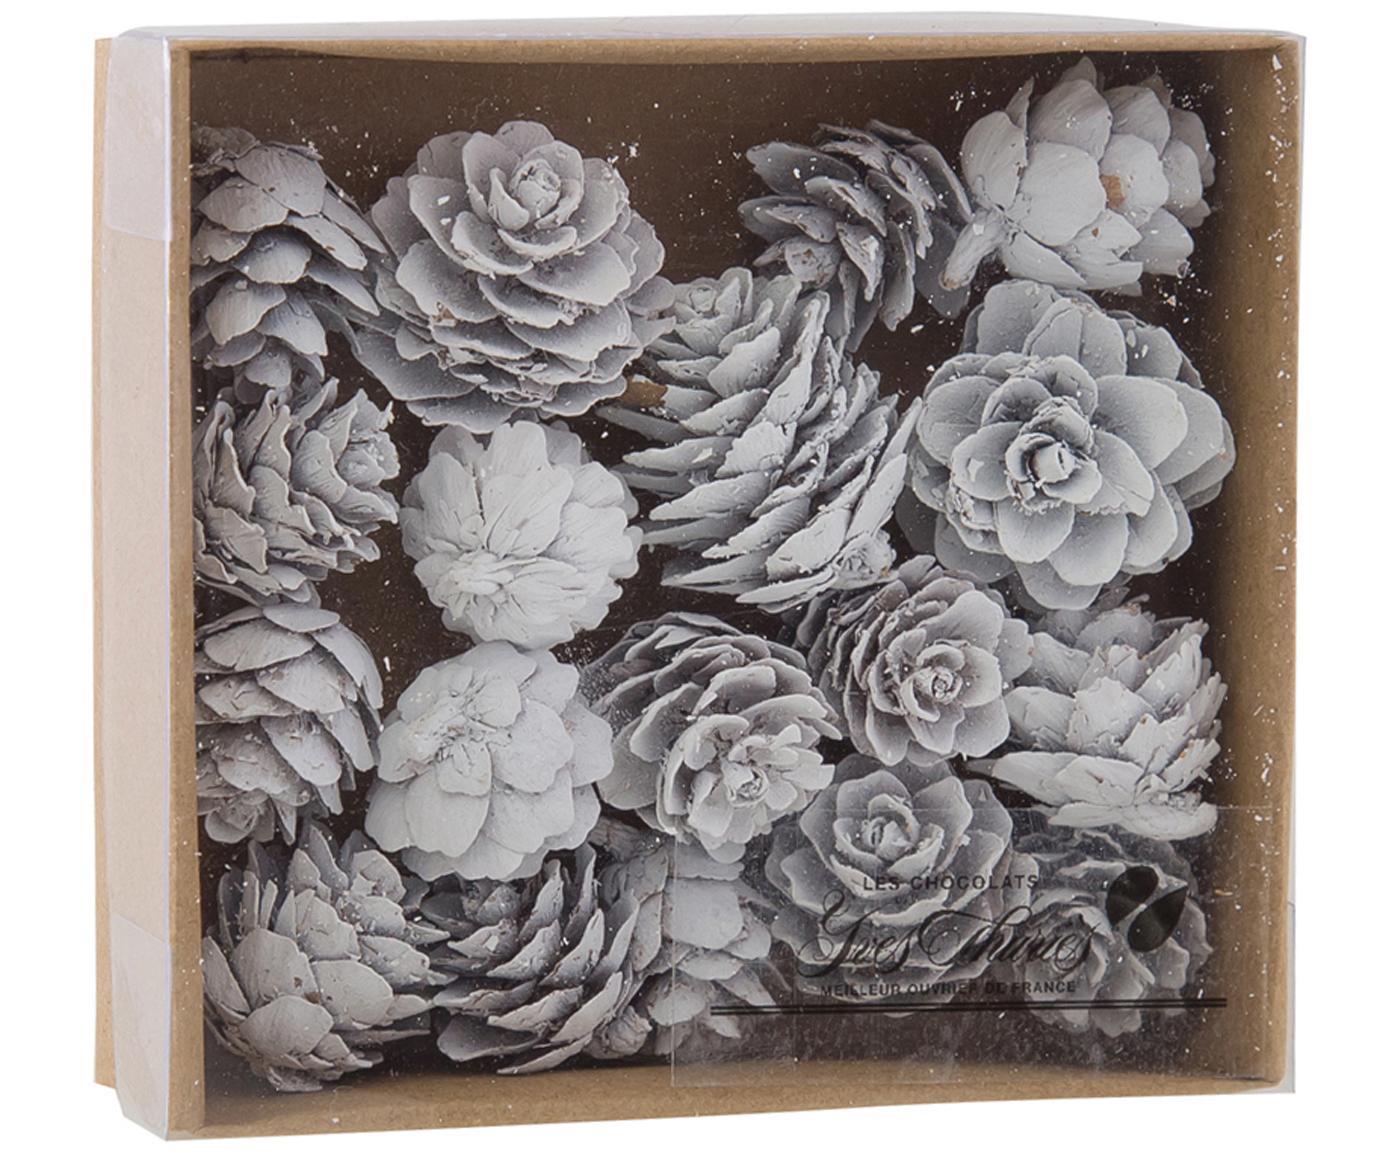 Baumanhänger-Set Pinecones, 18-tlg., Kieferzapfen, beschichtet, Weiss, Ø 6 x H 6 cm